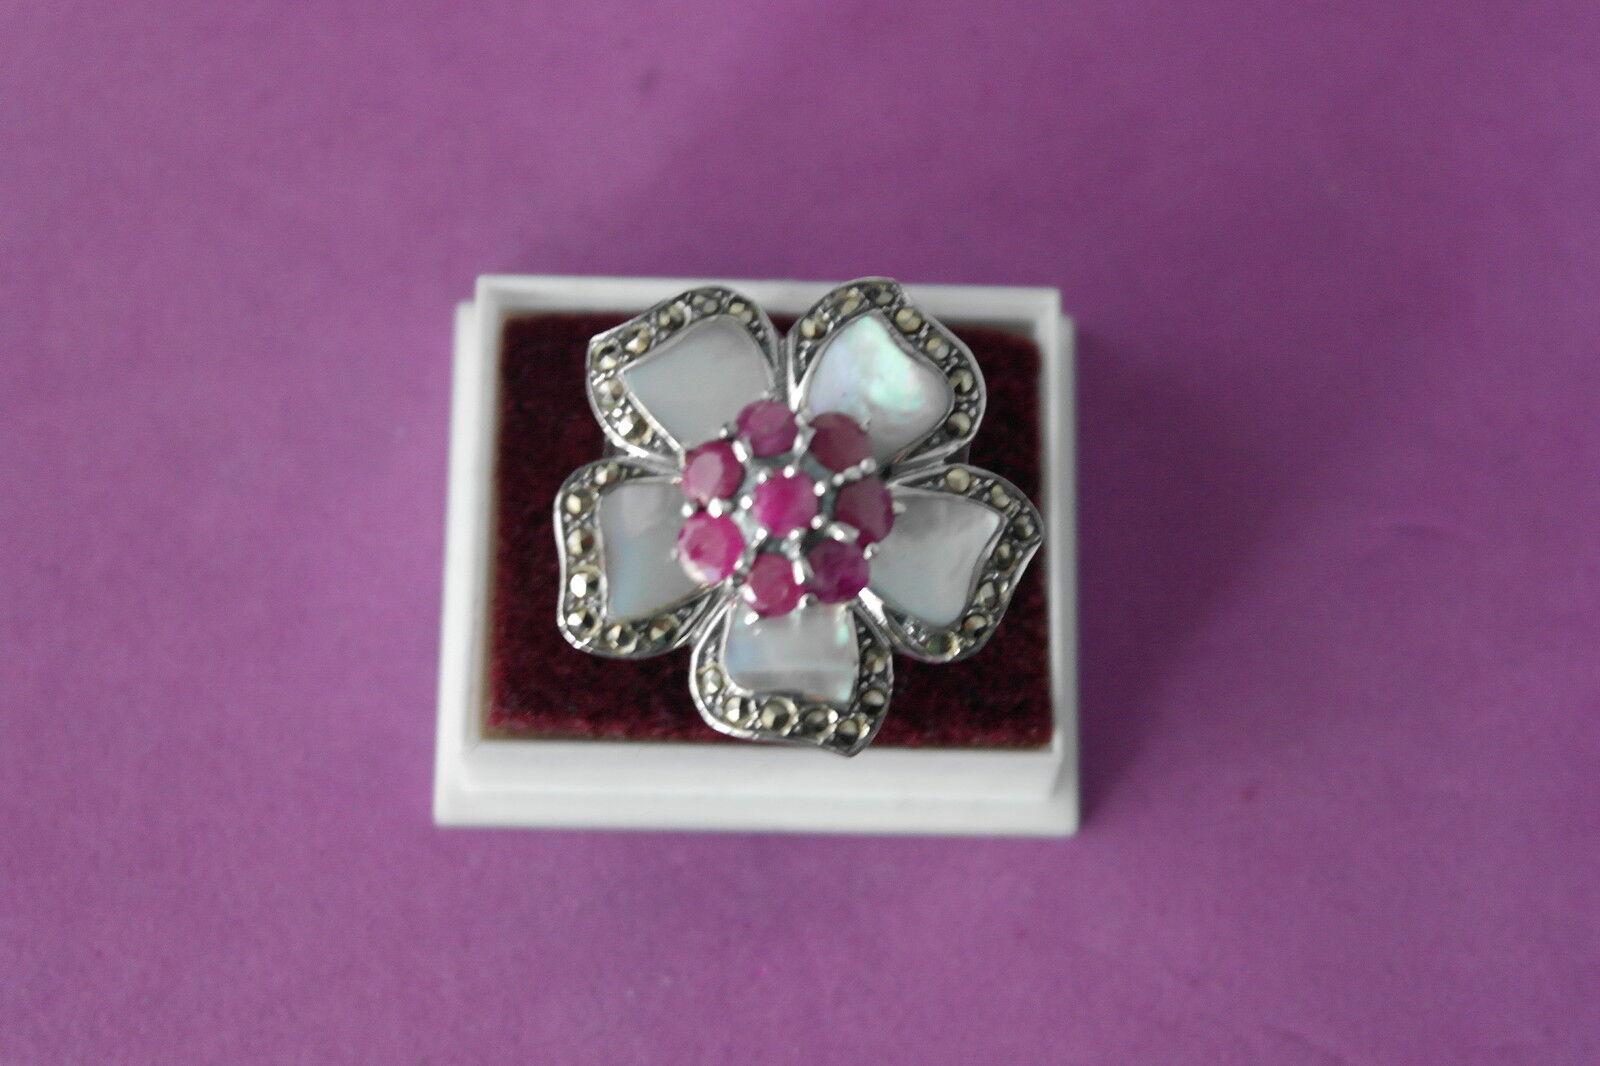 Bonito silver 925 Anillo Con Marcasita - rubí - Madre Perla size N - O - P - Q